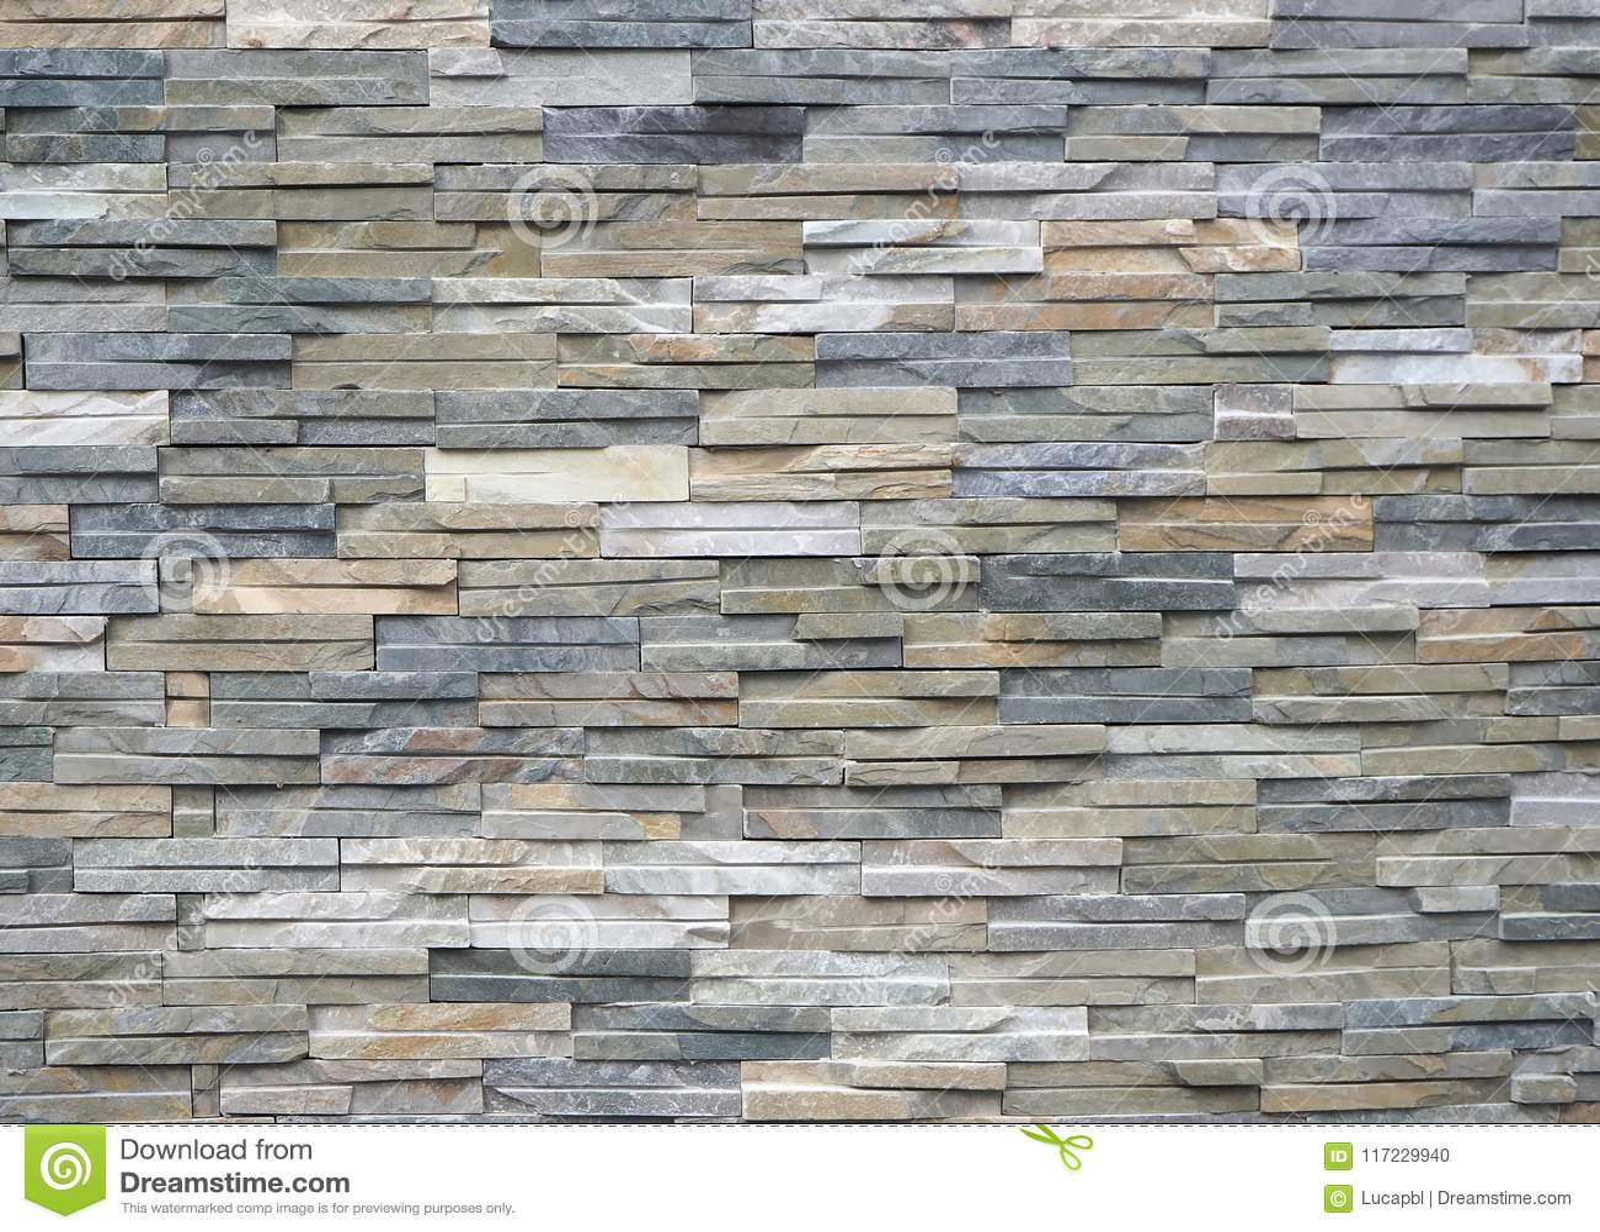 Rivestimento In Pietra Naturale : Rivestimento in pietra naturale architettura design petracave